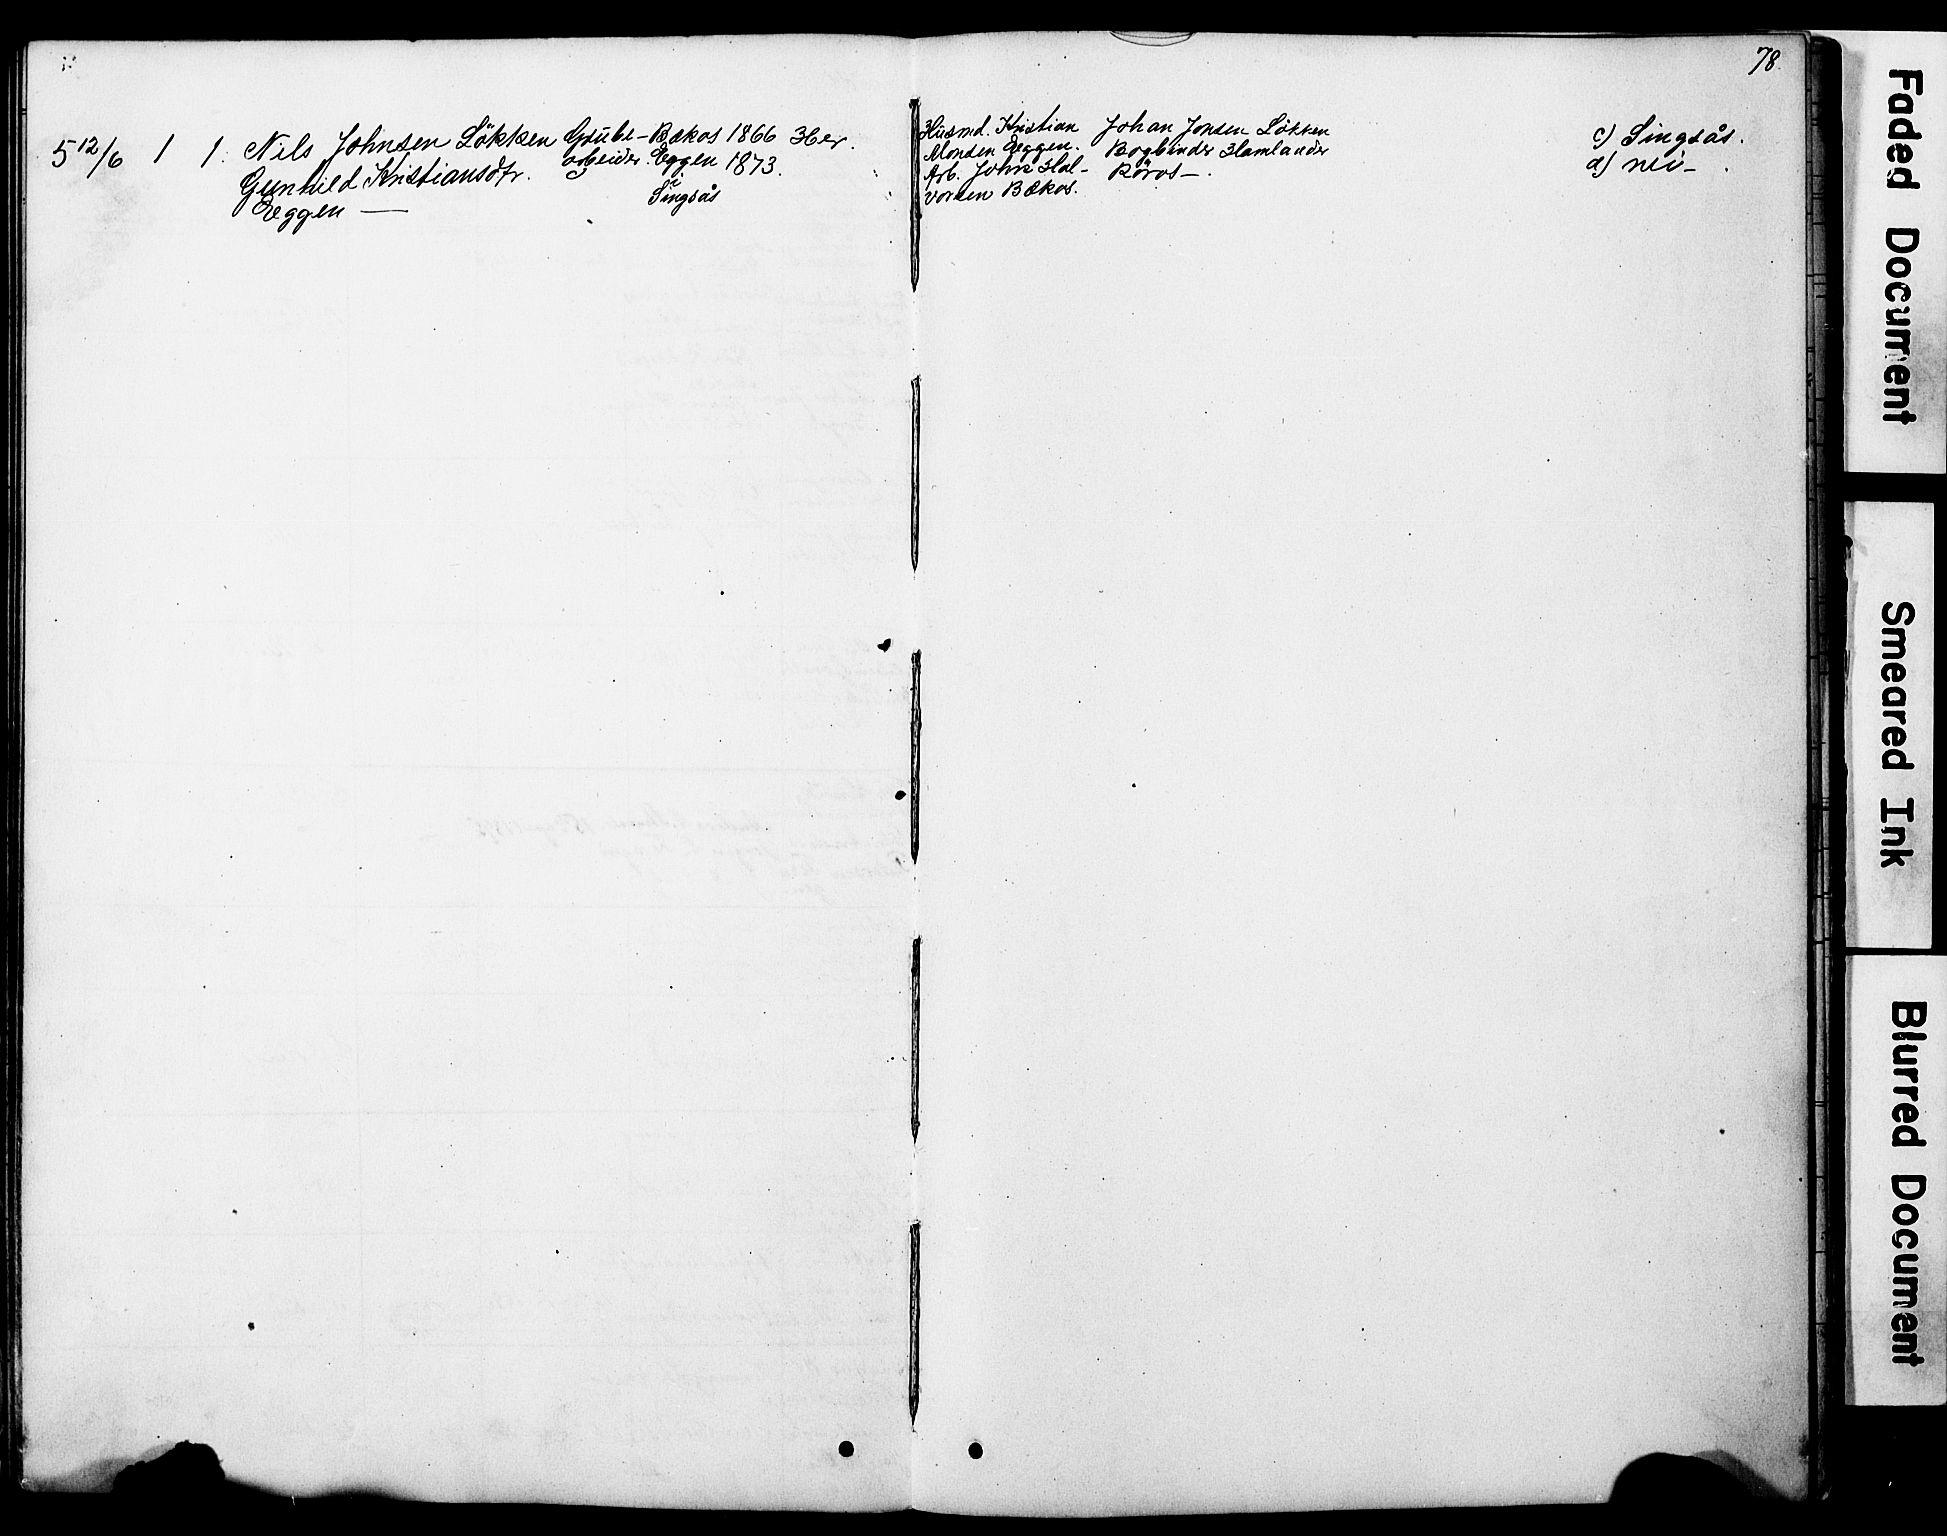 SAT, Ministerialprotokoller, klokkerbøker og fødselsregistre - Sør-Trøndelag, 683/L0949: Klokkerbok nr. 683C01, 1880-1896, s. 78